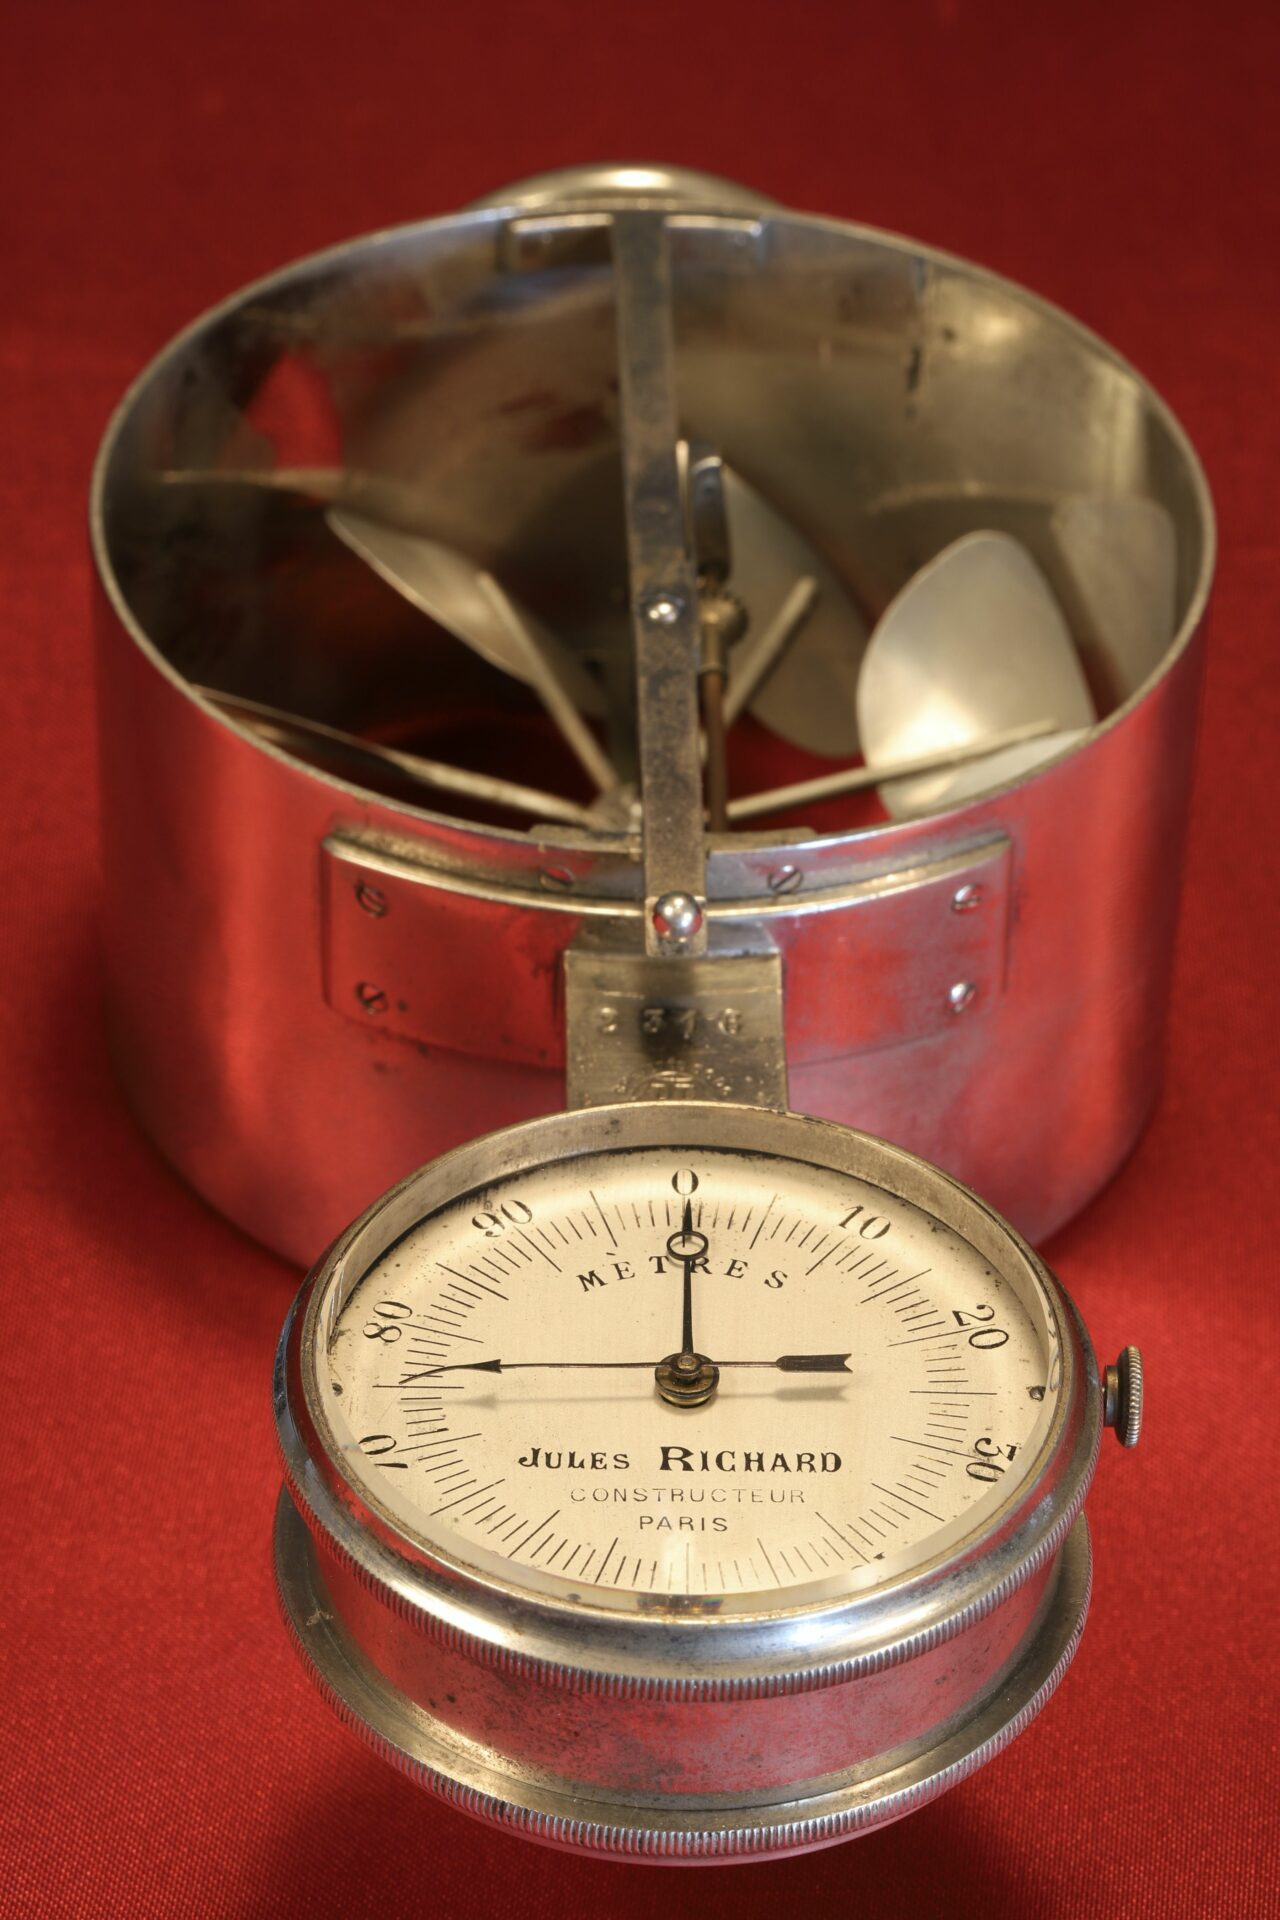 Image of Jules Richard Anemometer No 2316 c1890